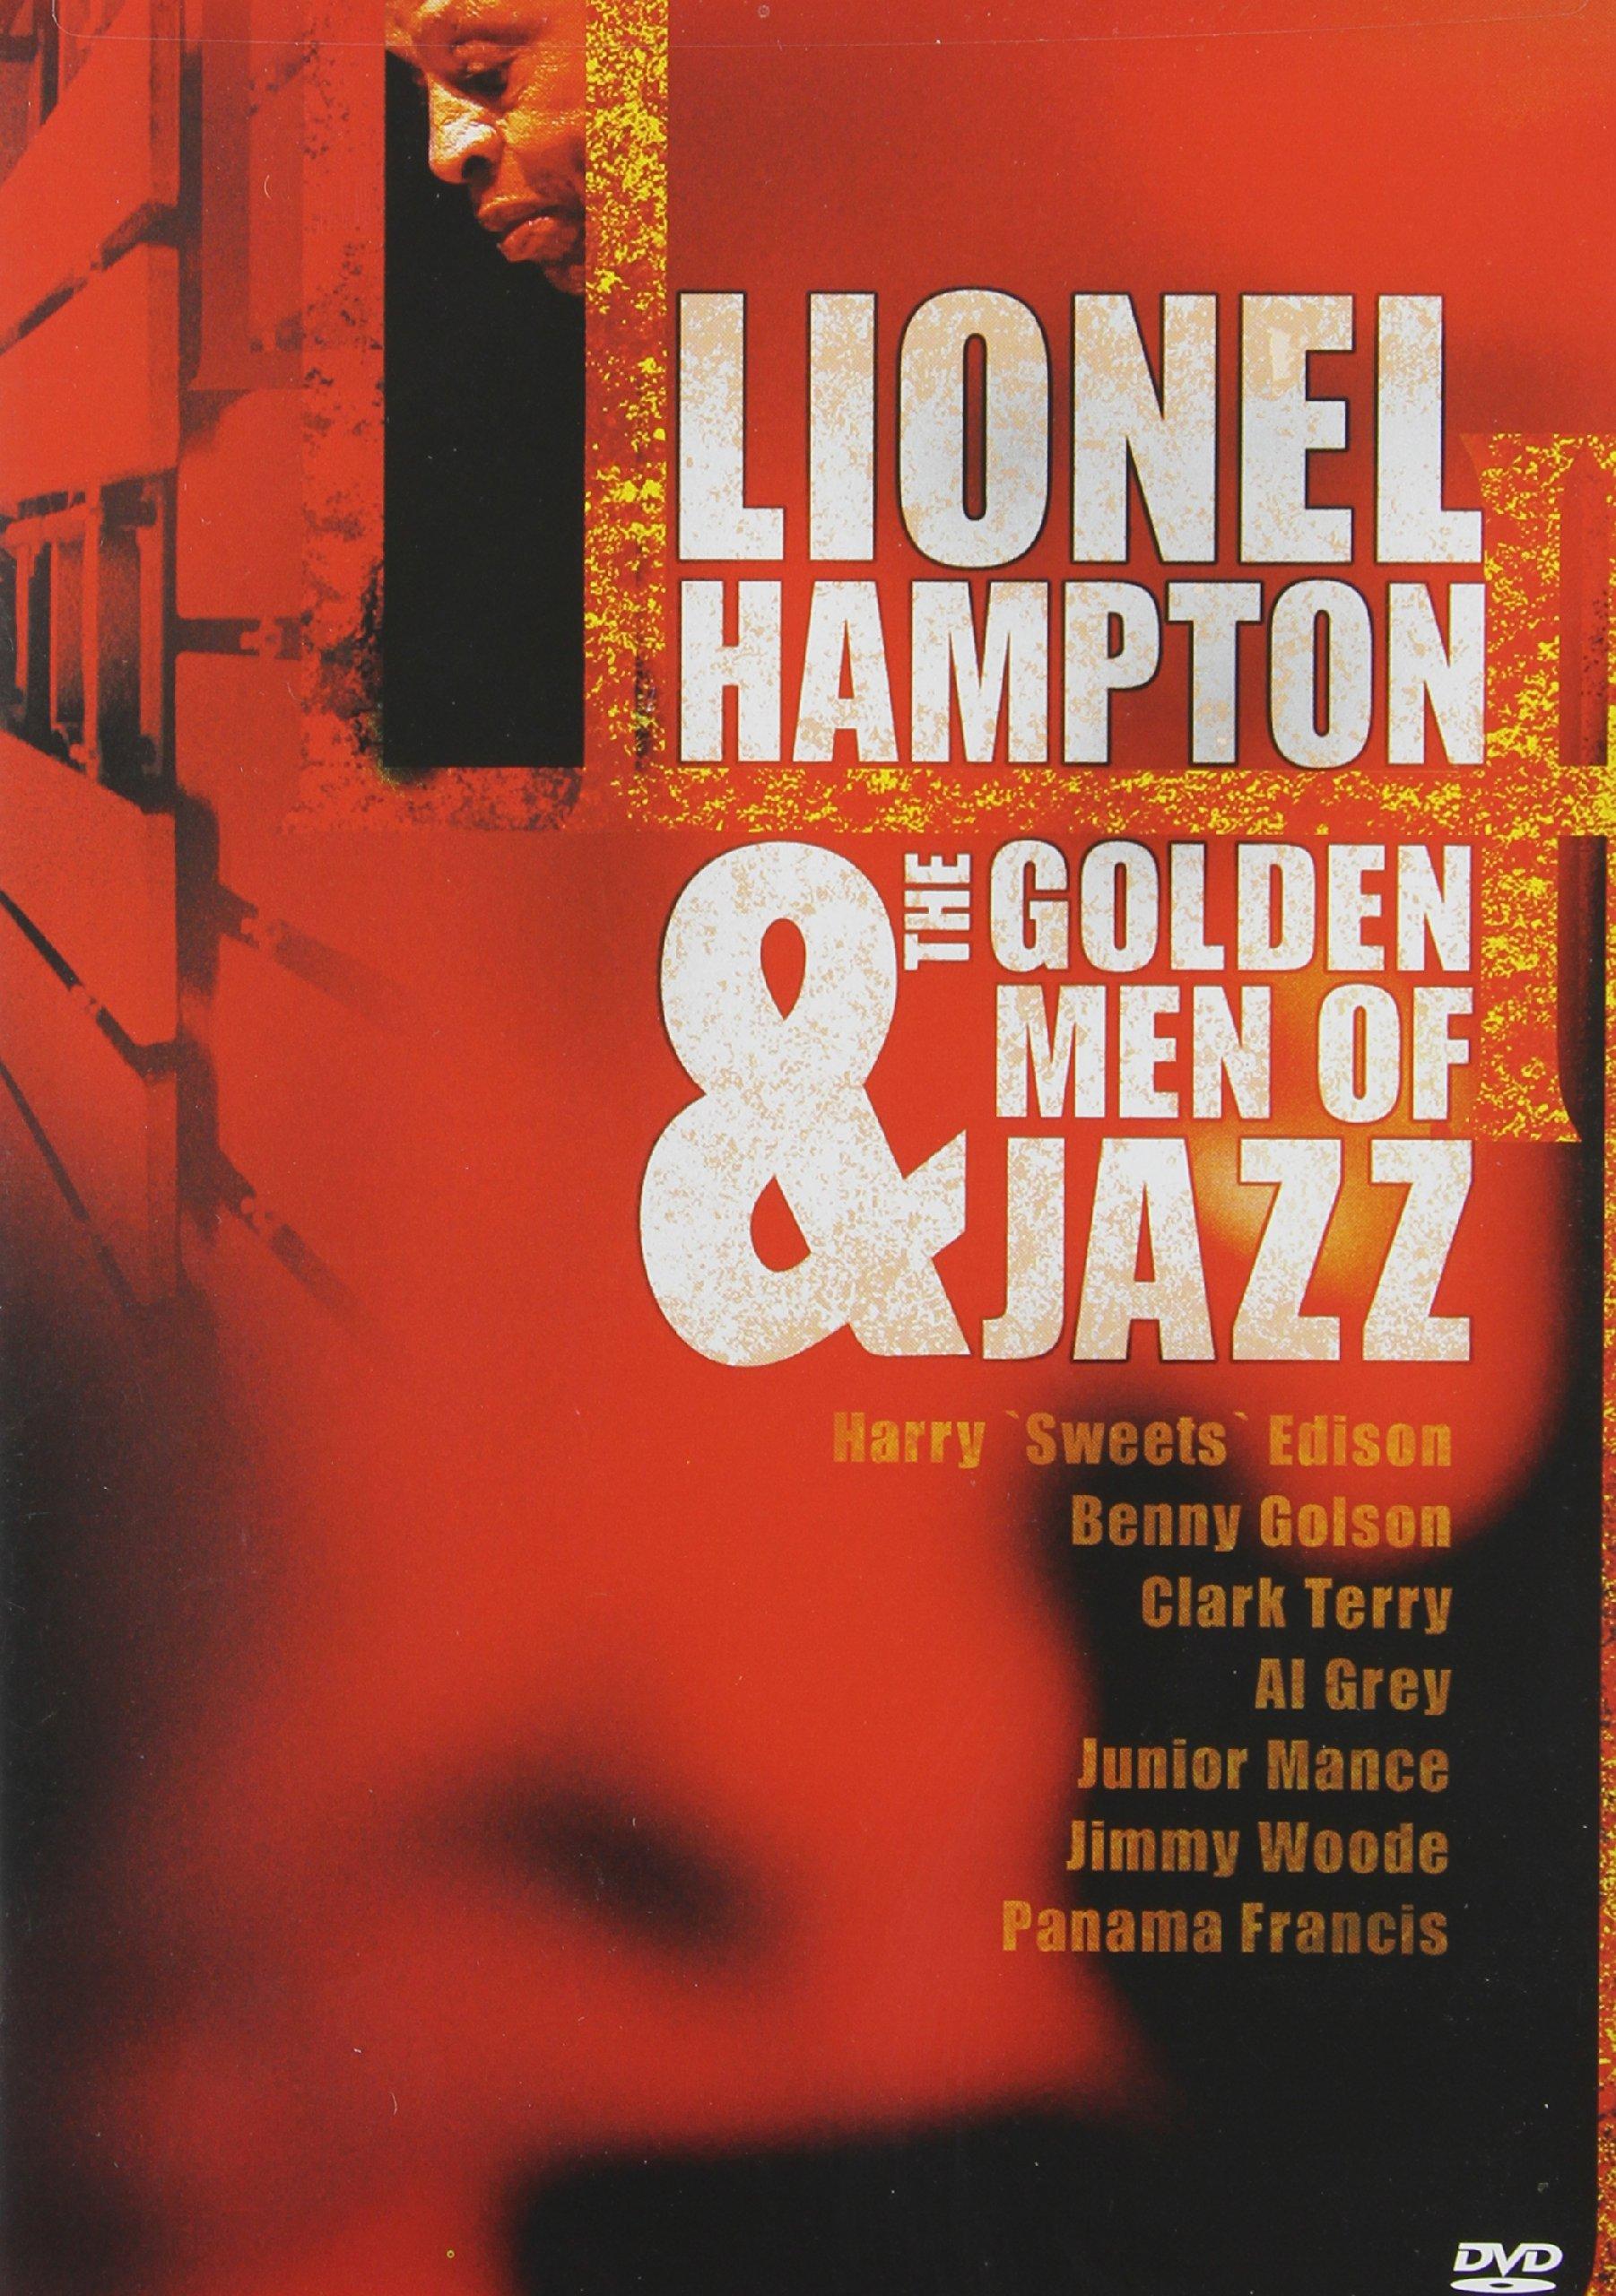 Lionel Hampton & the Golden Men of Jazz